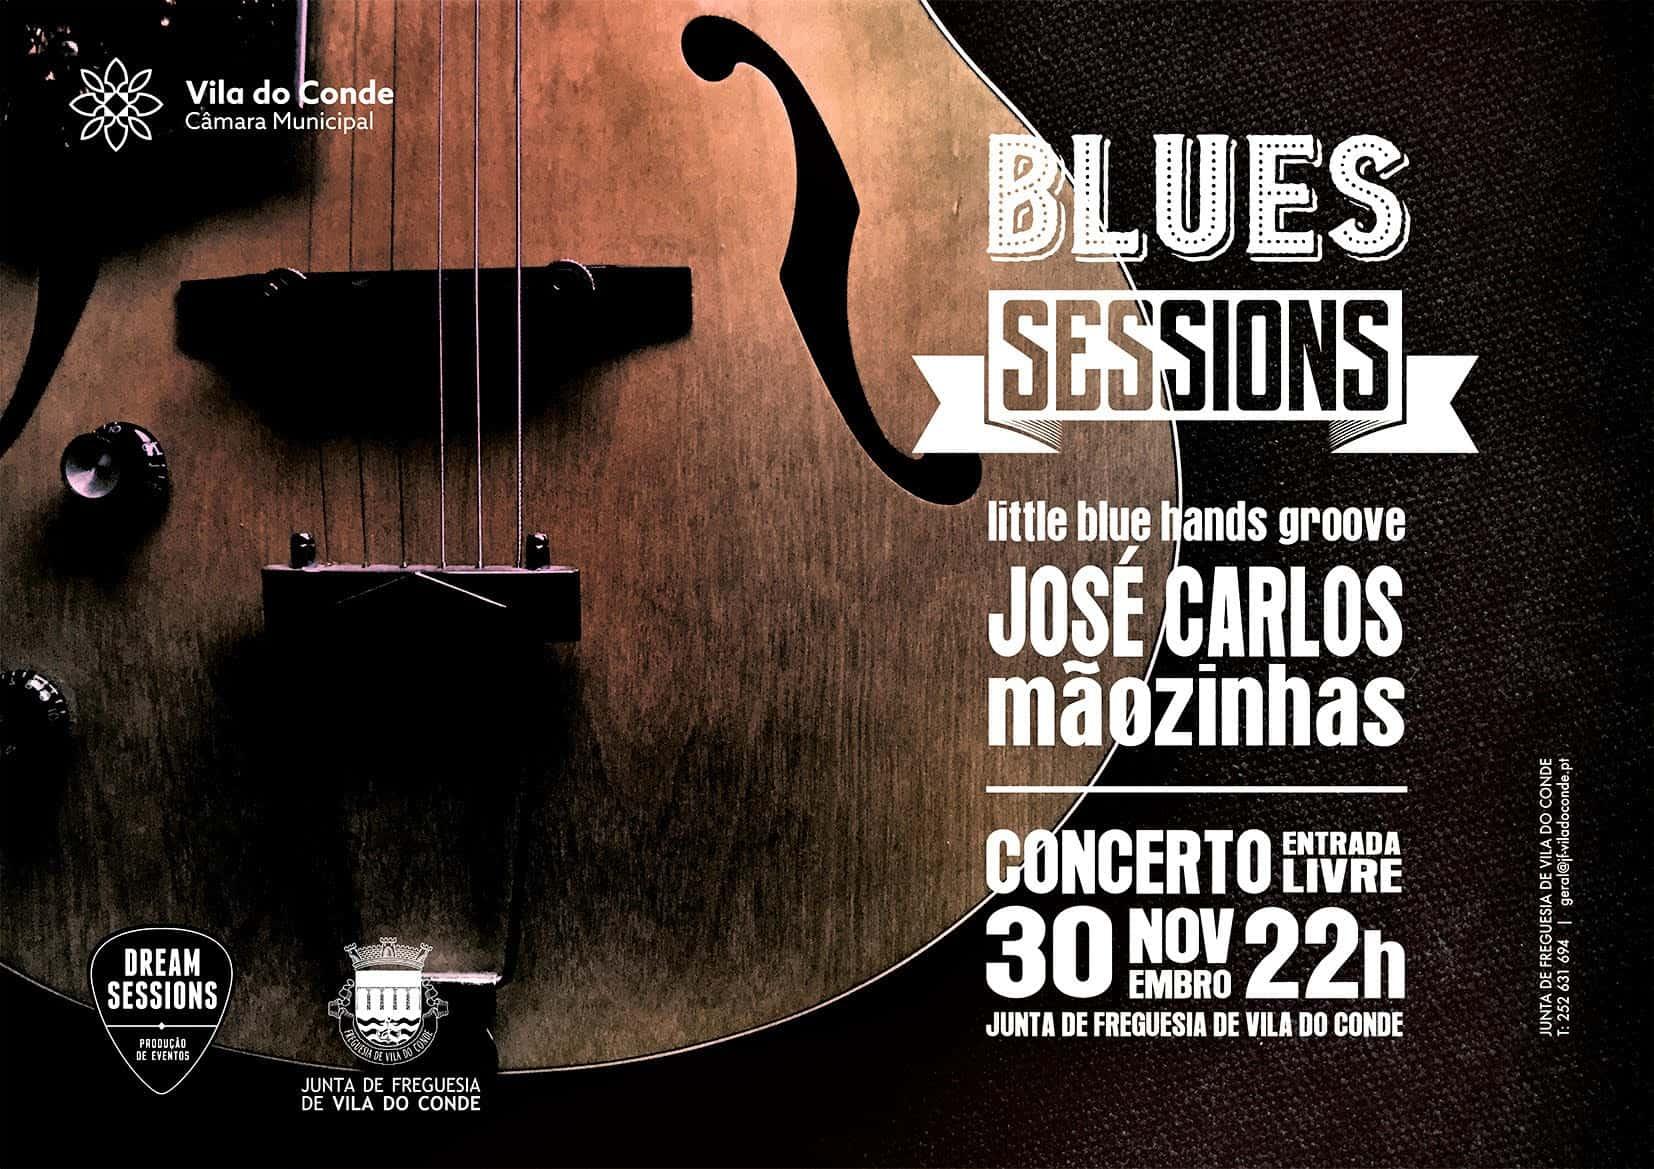 As grandes noites deBluesem formato acústico estão de volta a Vila Do Conde.José Carlos Mãozinhasé o bluesman escolhido para aBlues Sessionsde 30 de novembro